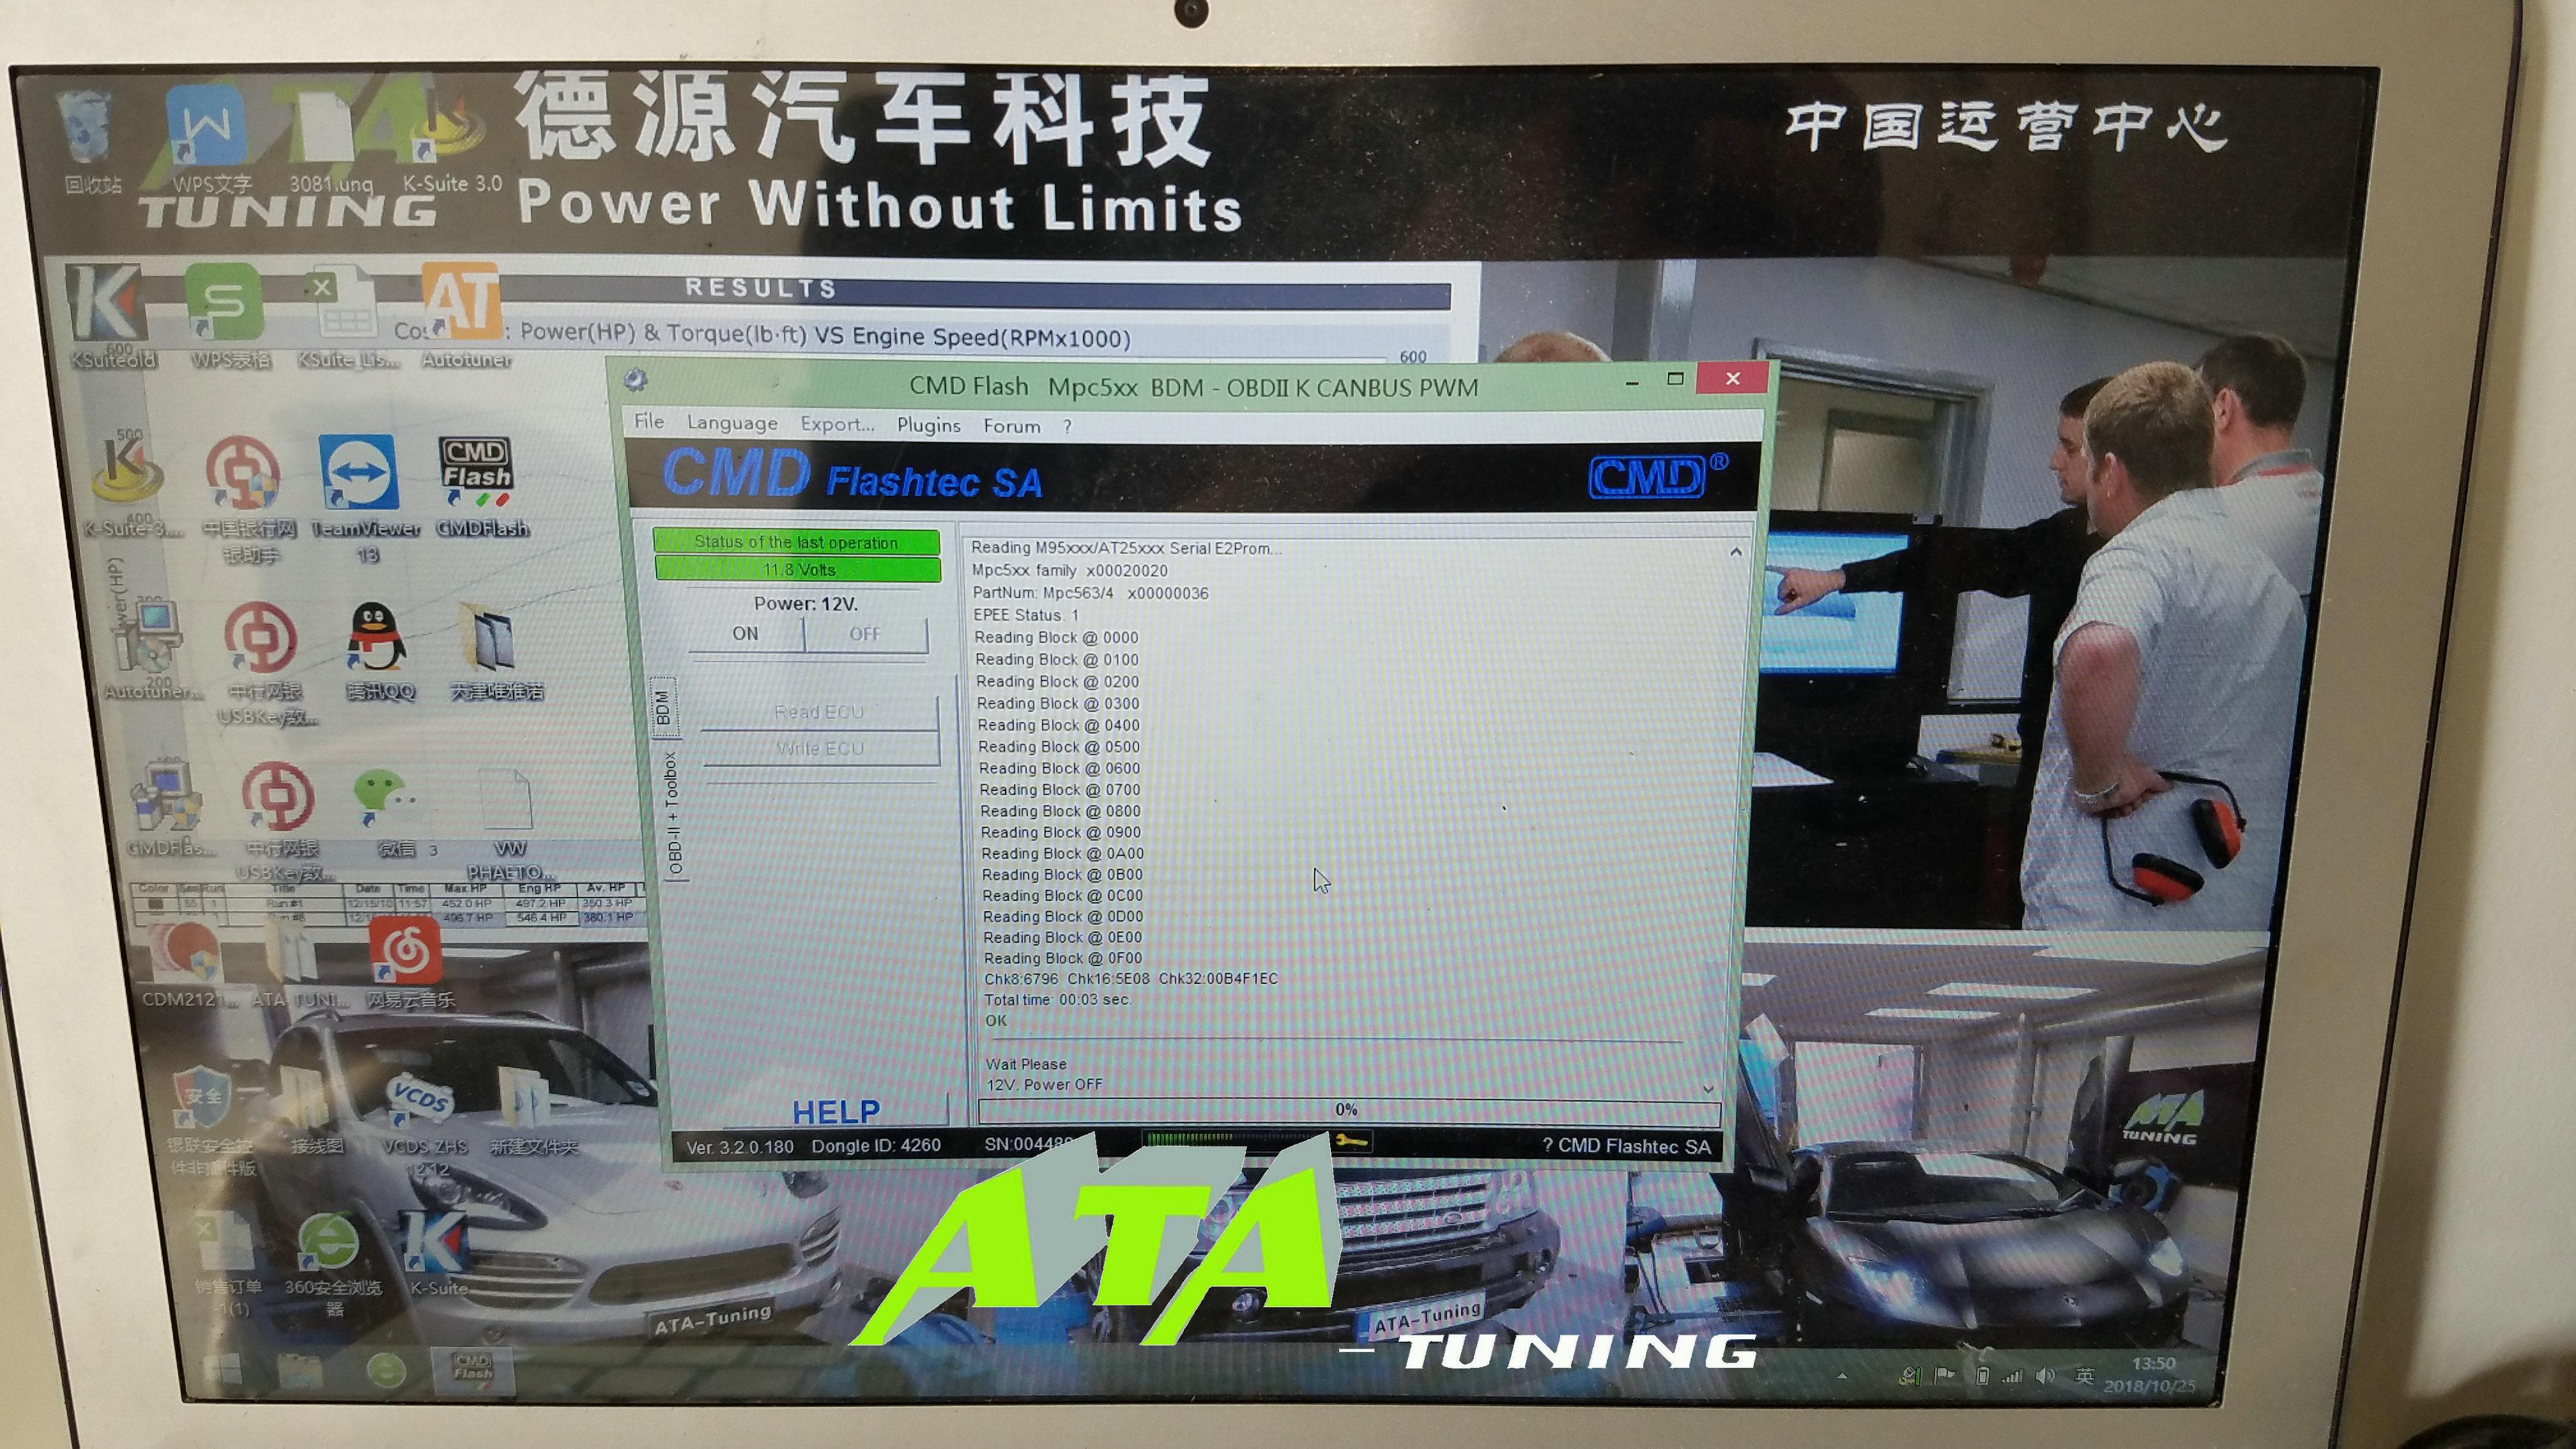 辉腾3.6刷ECU,升级英国ATA-Tuning程序